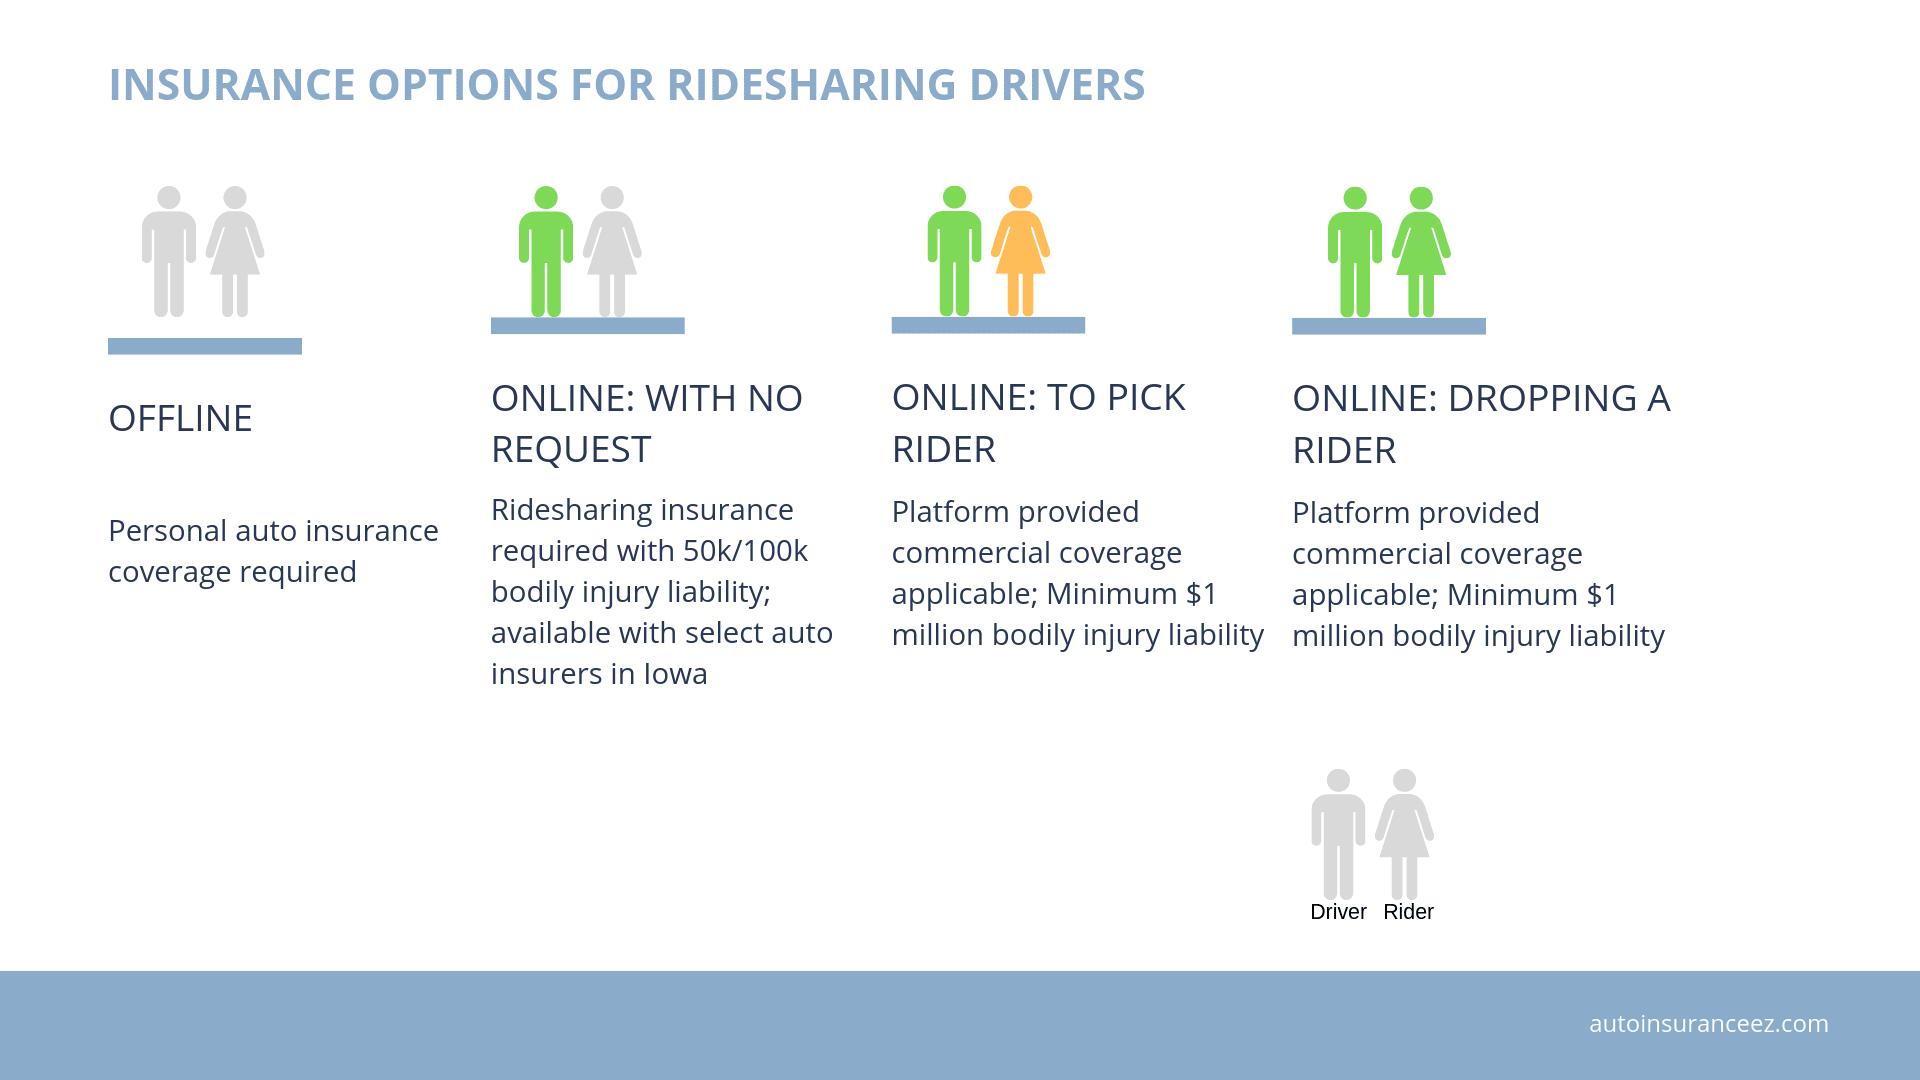 Ridesharing insurance options in Iowa